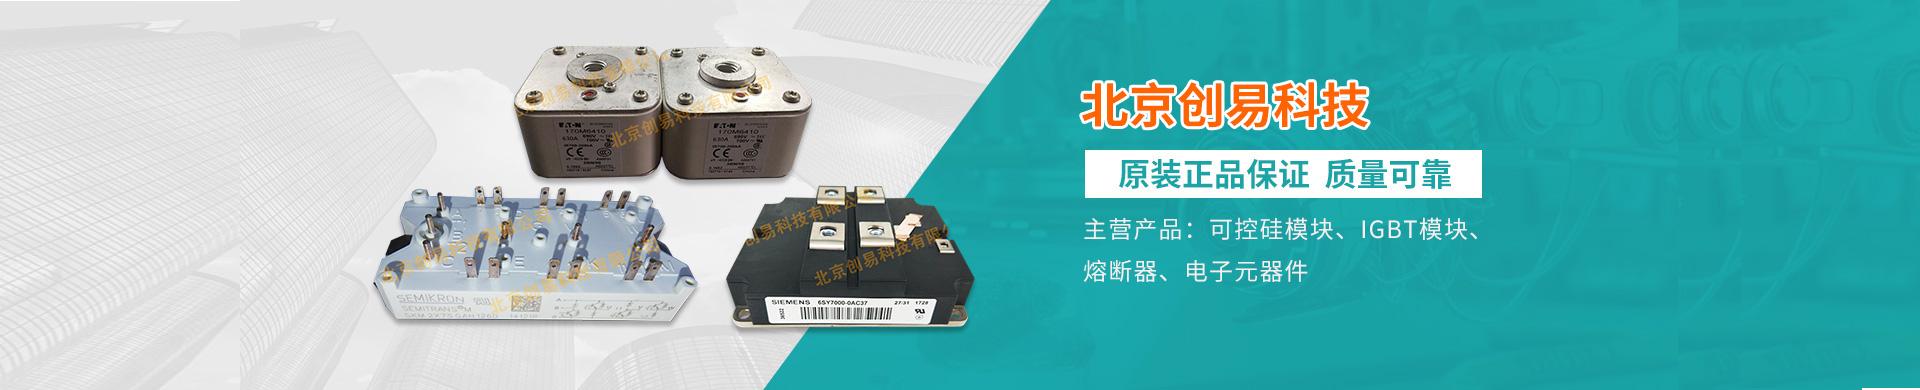 北京创易科技有限公司